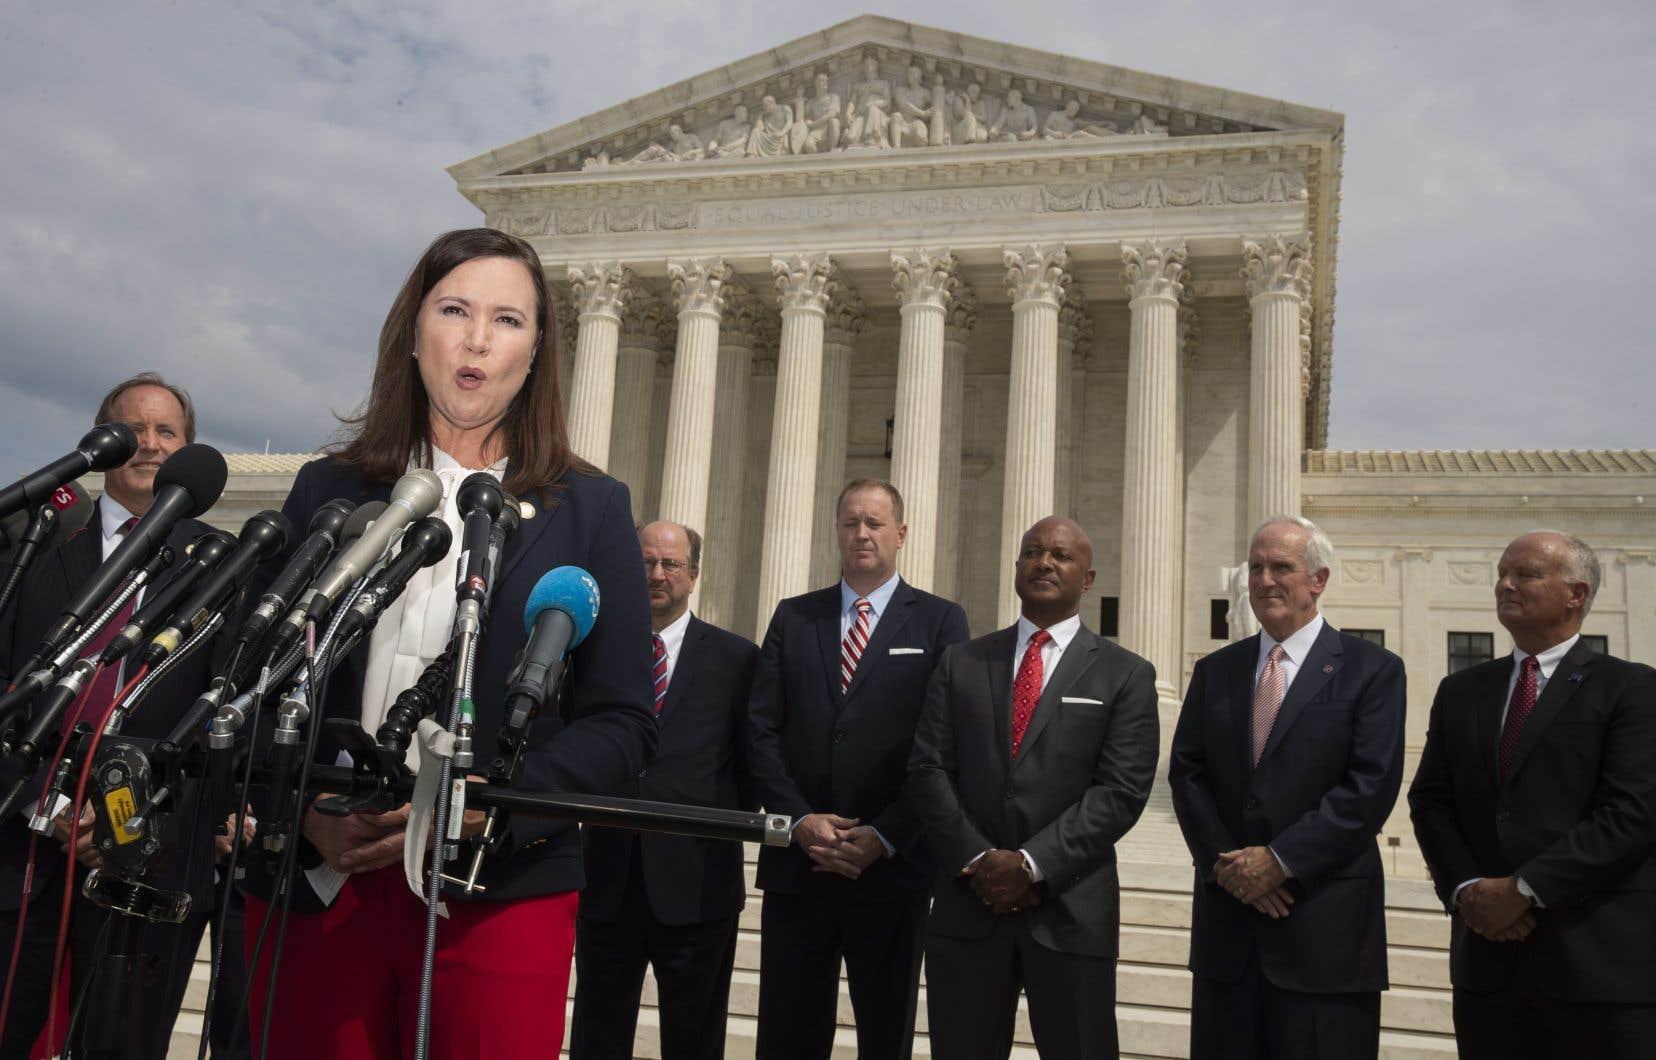 La procureure générale de la Floride, Ashley Moody, lors de l'annonce bipartisane de lundi sur le perron de la Cour suprême américaine.